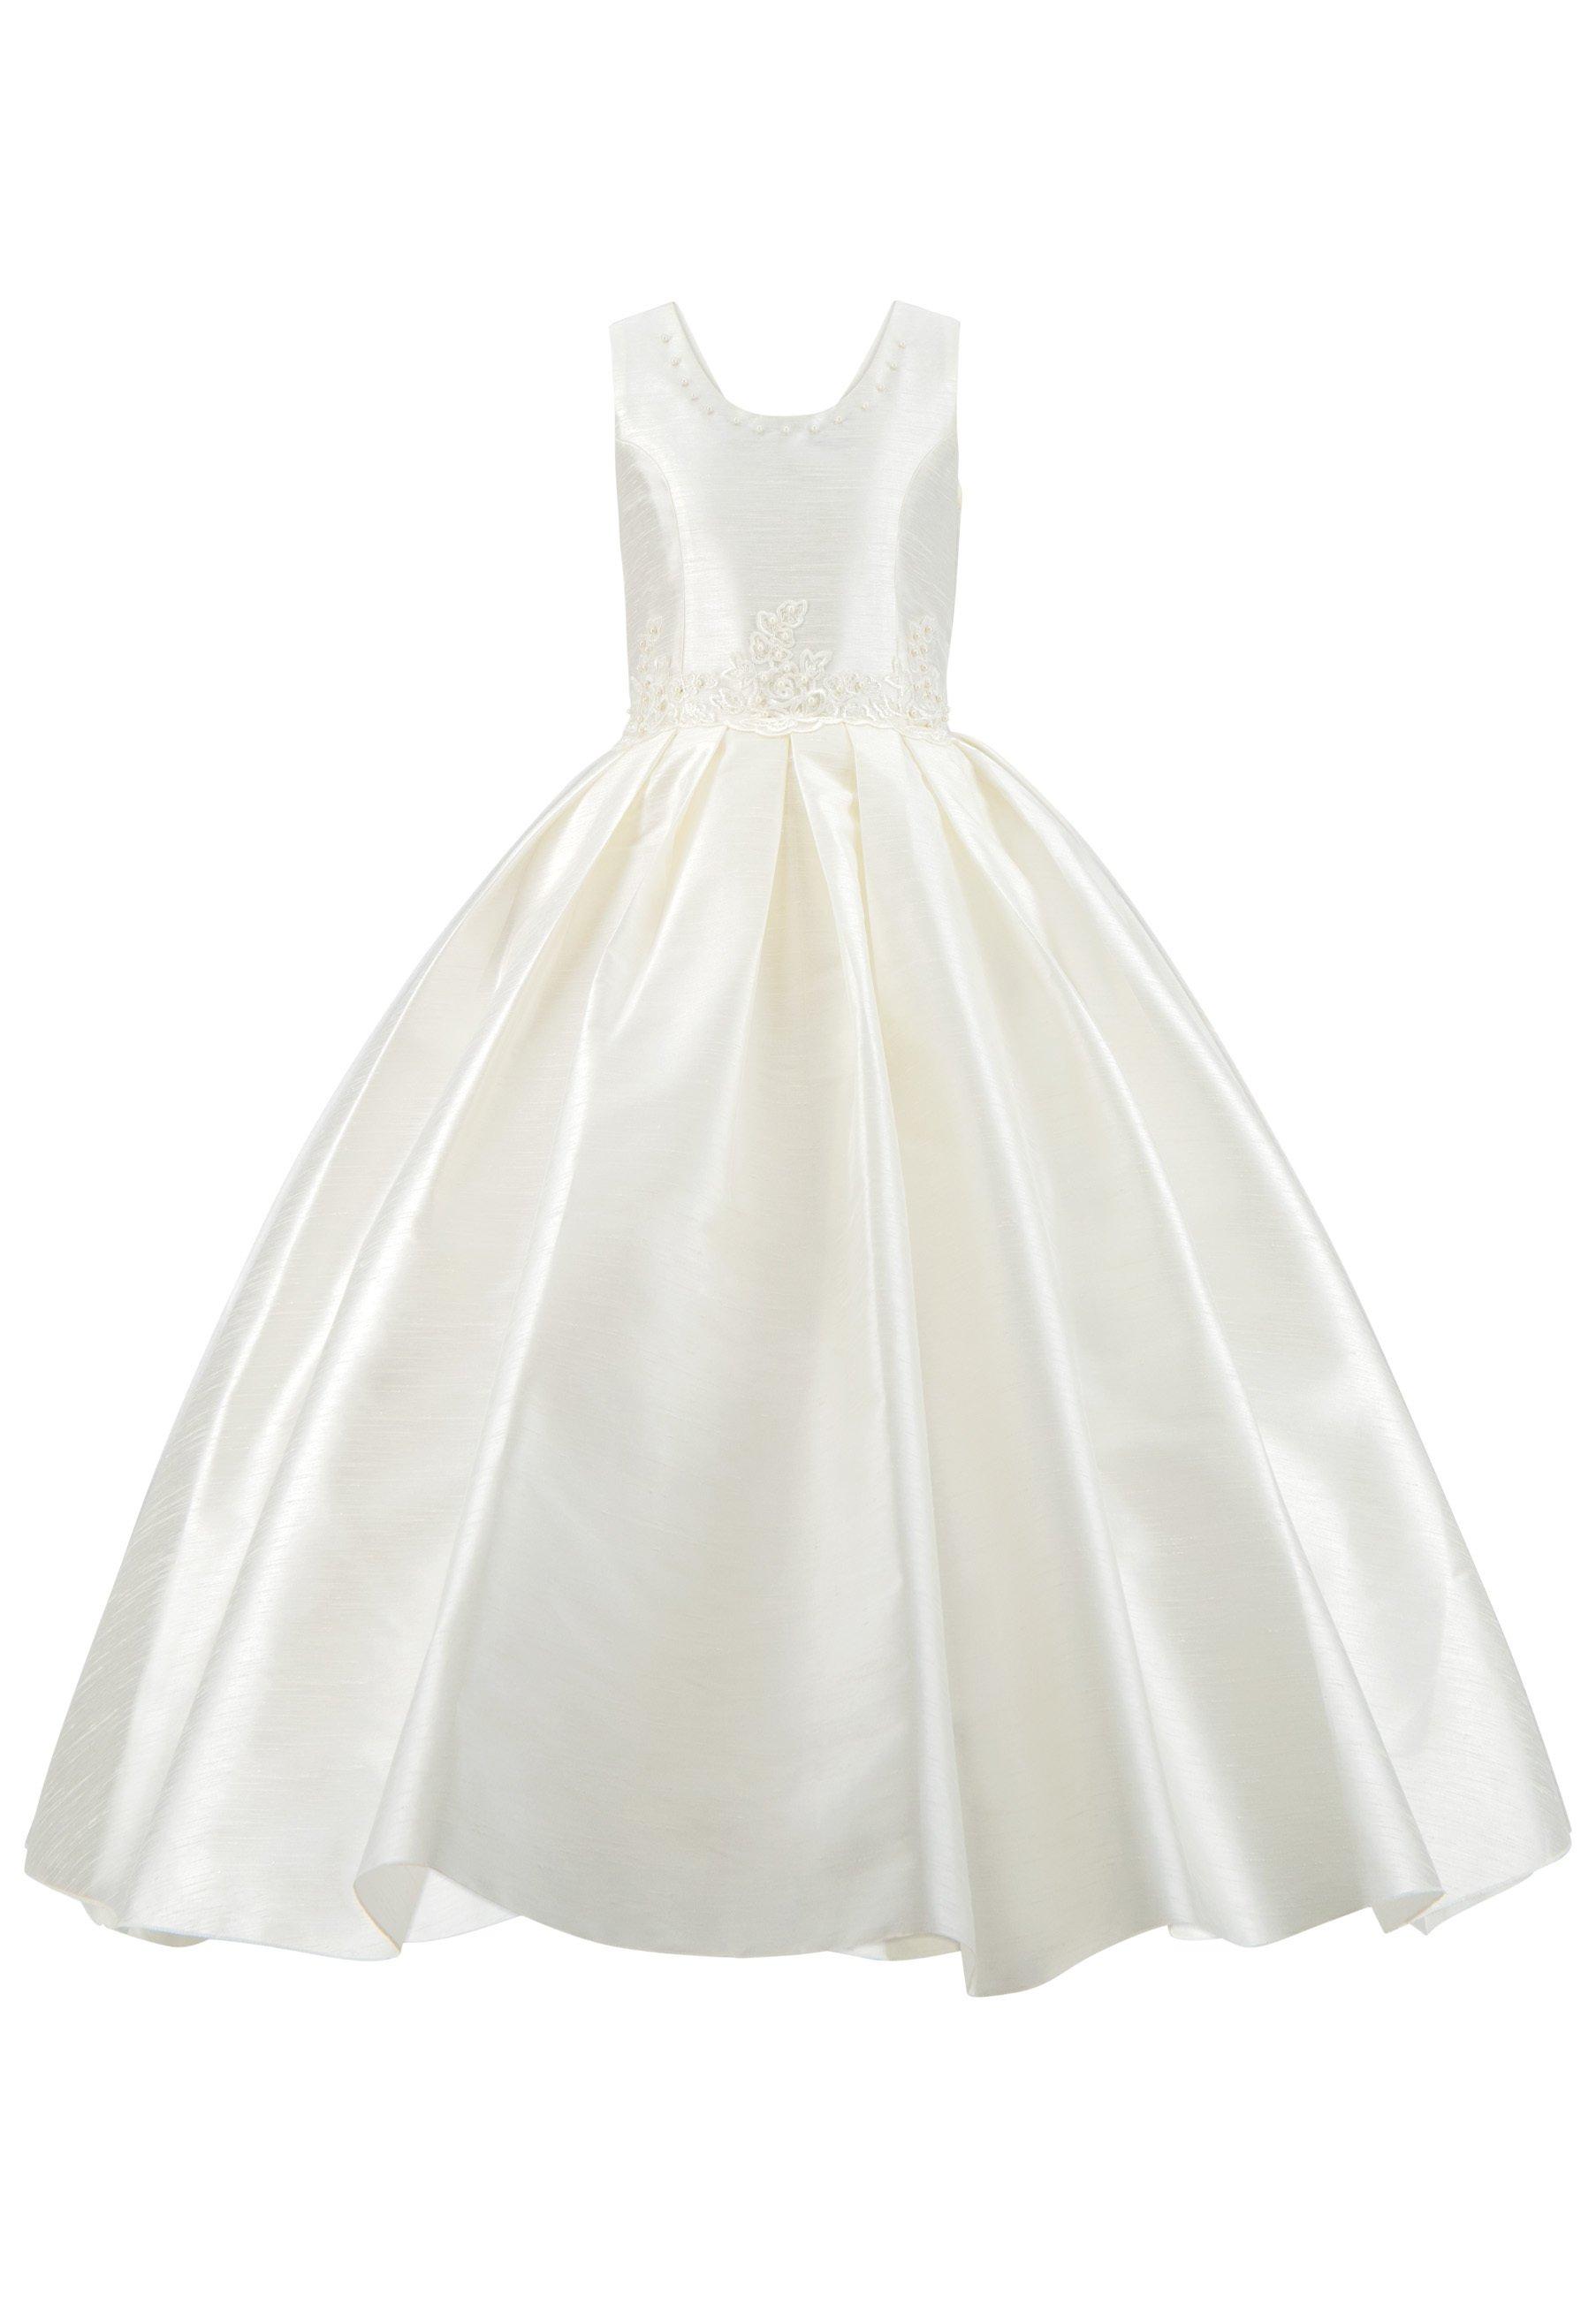 Kinder MIT PERLEN PRINZESSINNEN KINDERKLEID M - Cocktailkleid/festliches Kleid